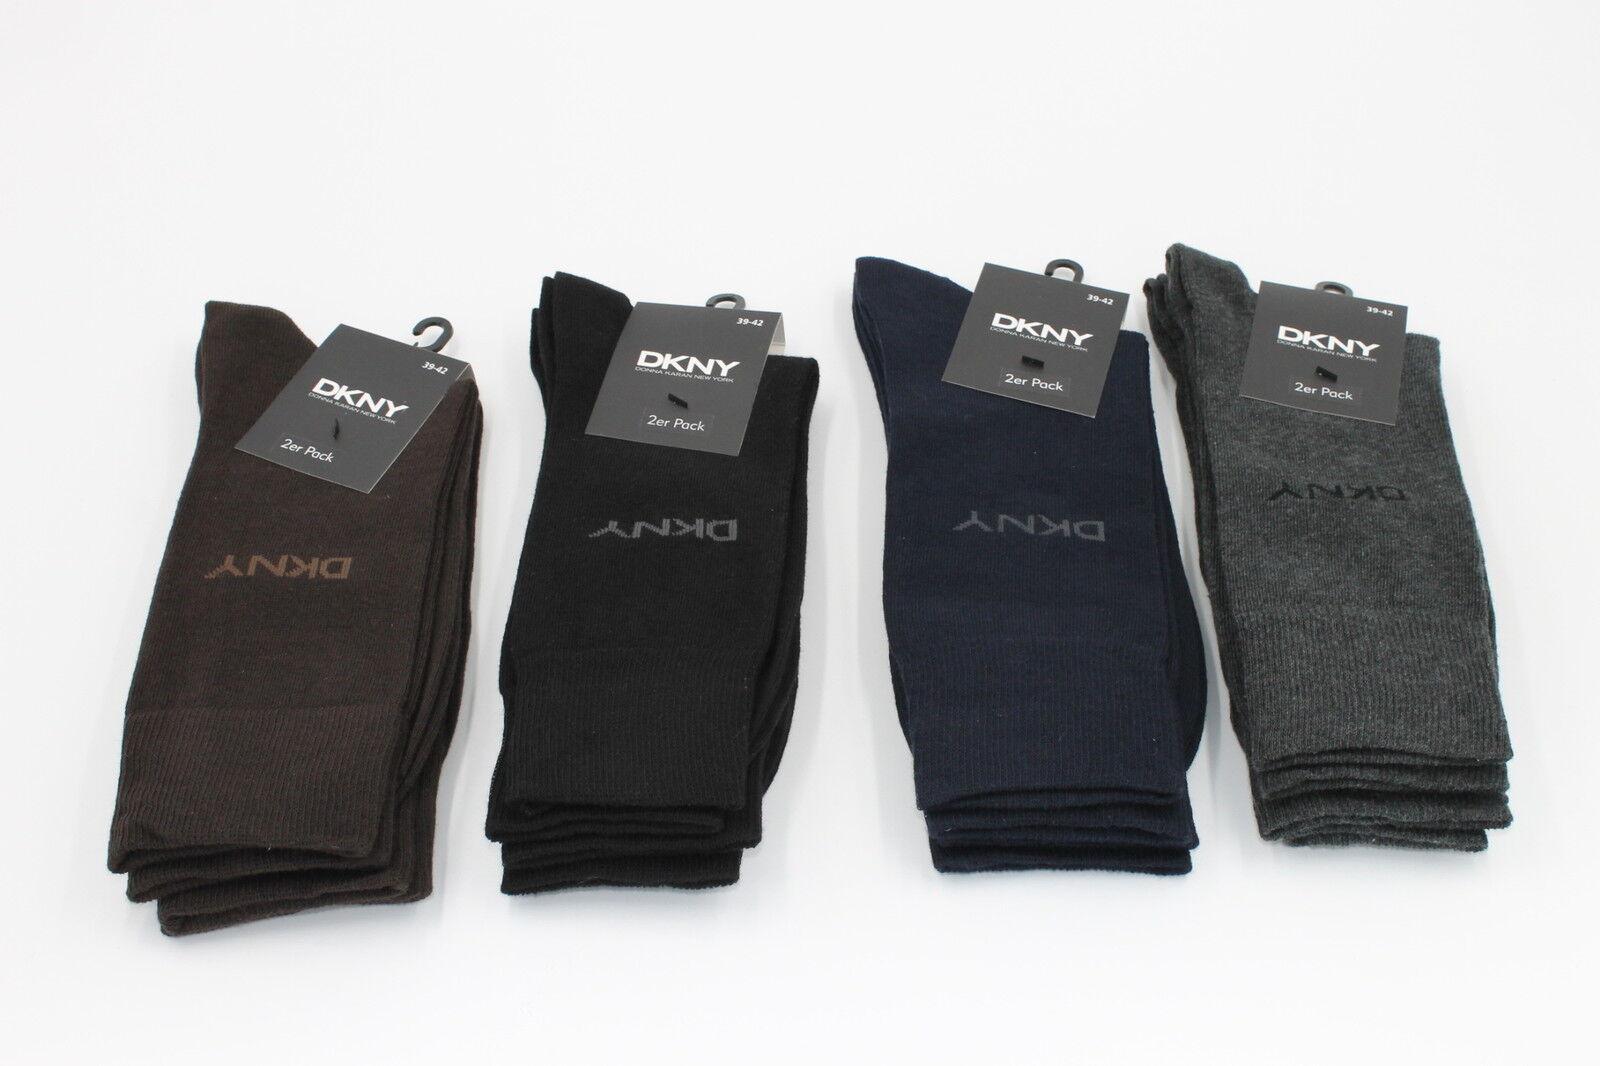 DKNY Herren Socken Strümpfe 39/42, 43/46 schwarz,blau,braun,anthrazit 4 x 2 Paar